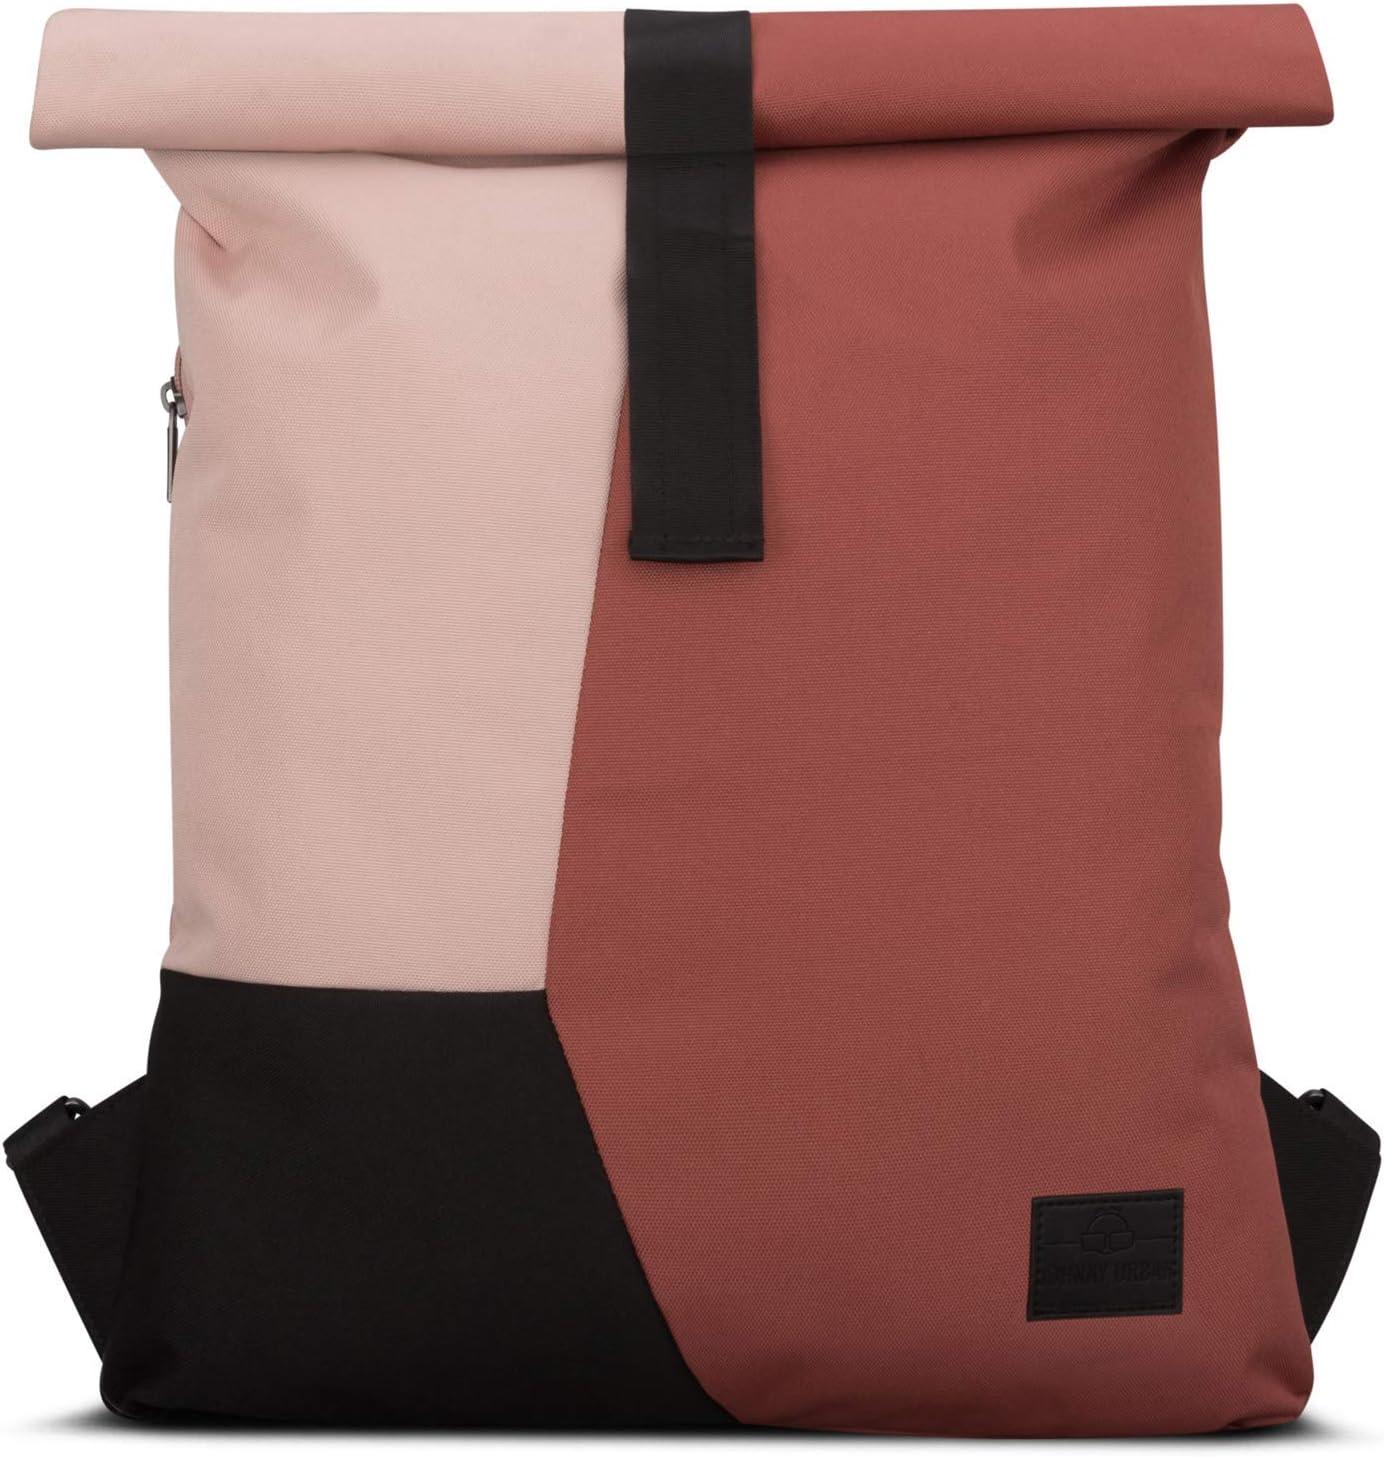 Mochila con Solapa Rojo/Rosa - JOHNNY URBAN Oskar Bolsa de Hombre y Mujer de Botellas de Plástico Reciclado - Multicolor con Solapa Superior - Moderna Bolso de Gimnasio Plegable Resistente al Agua